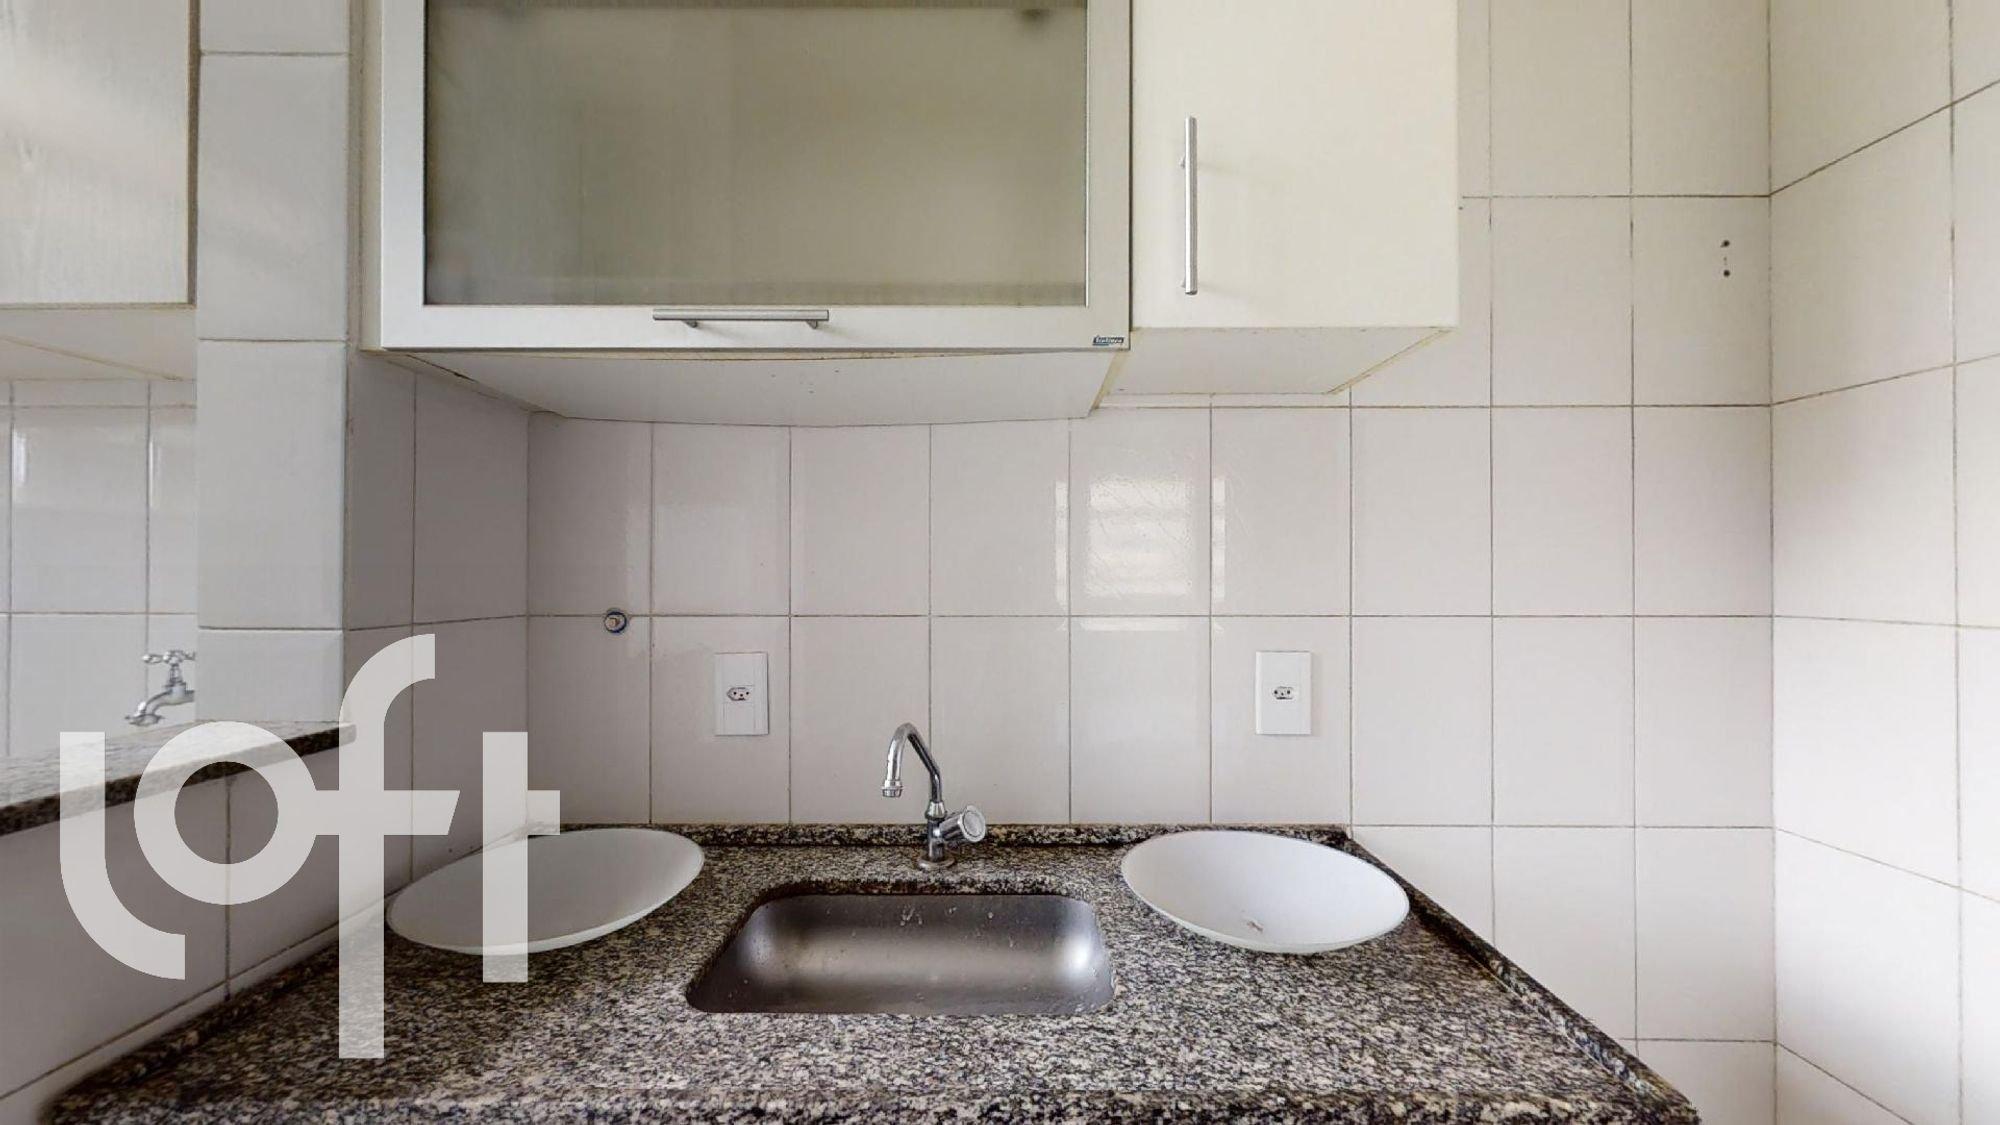 Foto de Cozinha com tigela, pia